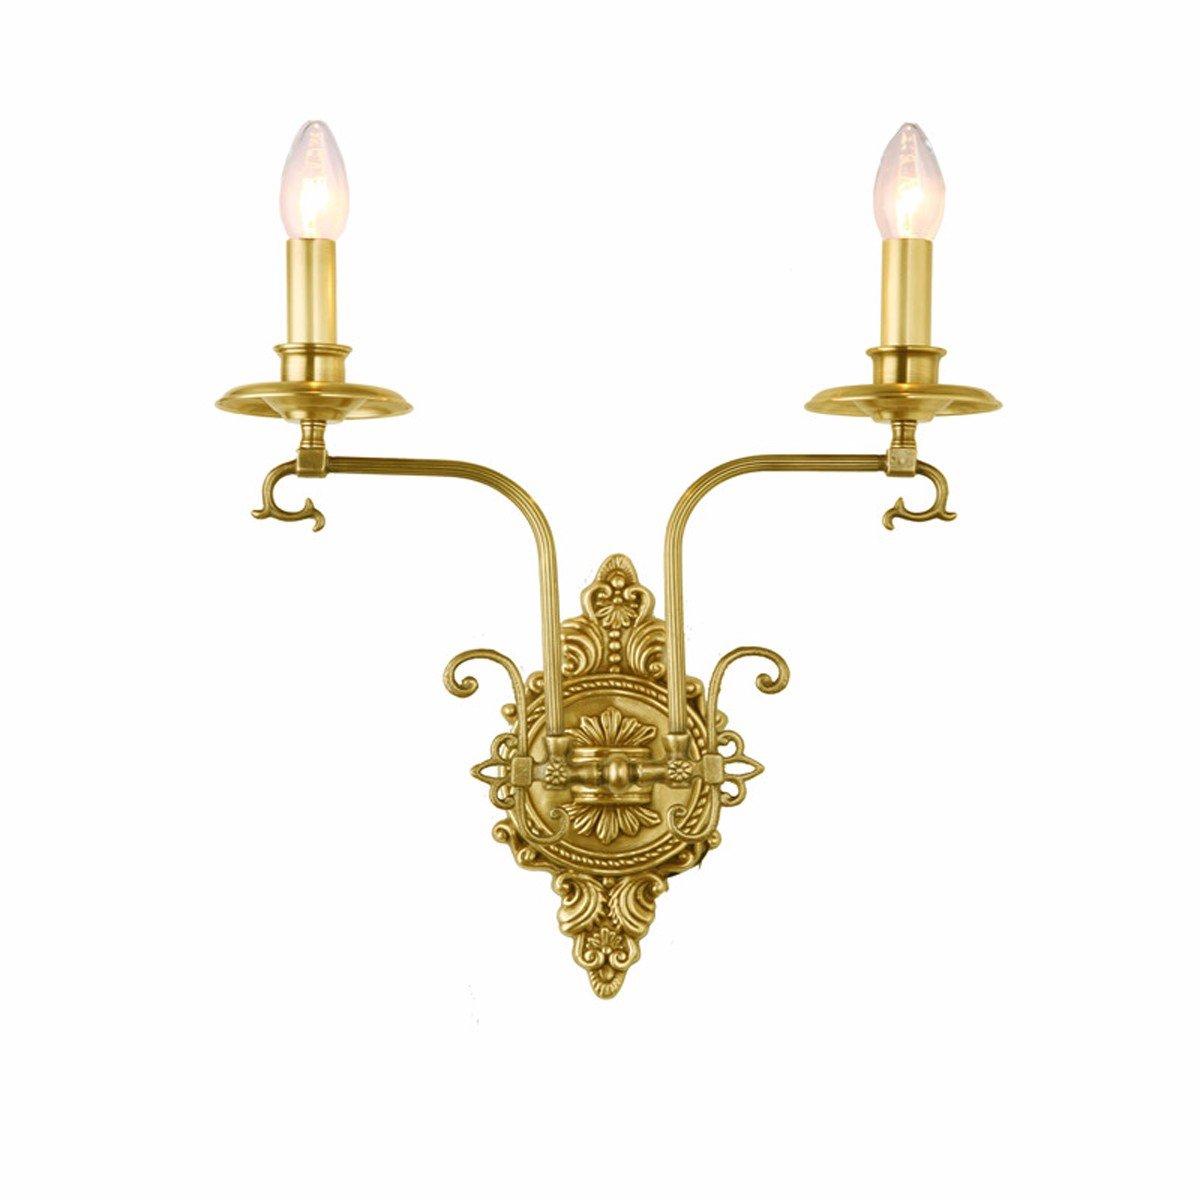 HBDLH-Altare Lampada Lamp Tutti Di Rame Nuovo Classico Doppia Testa Antico Muro Lampada.